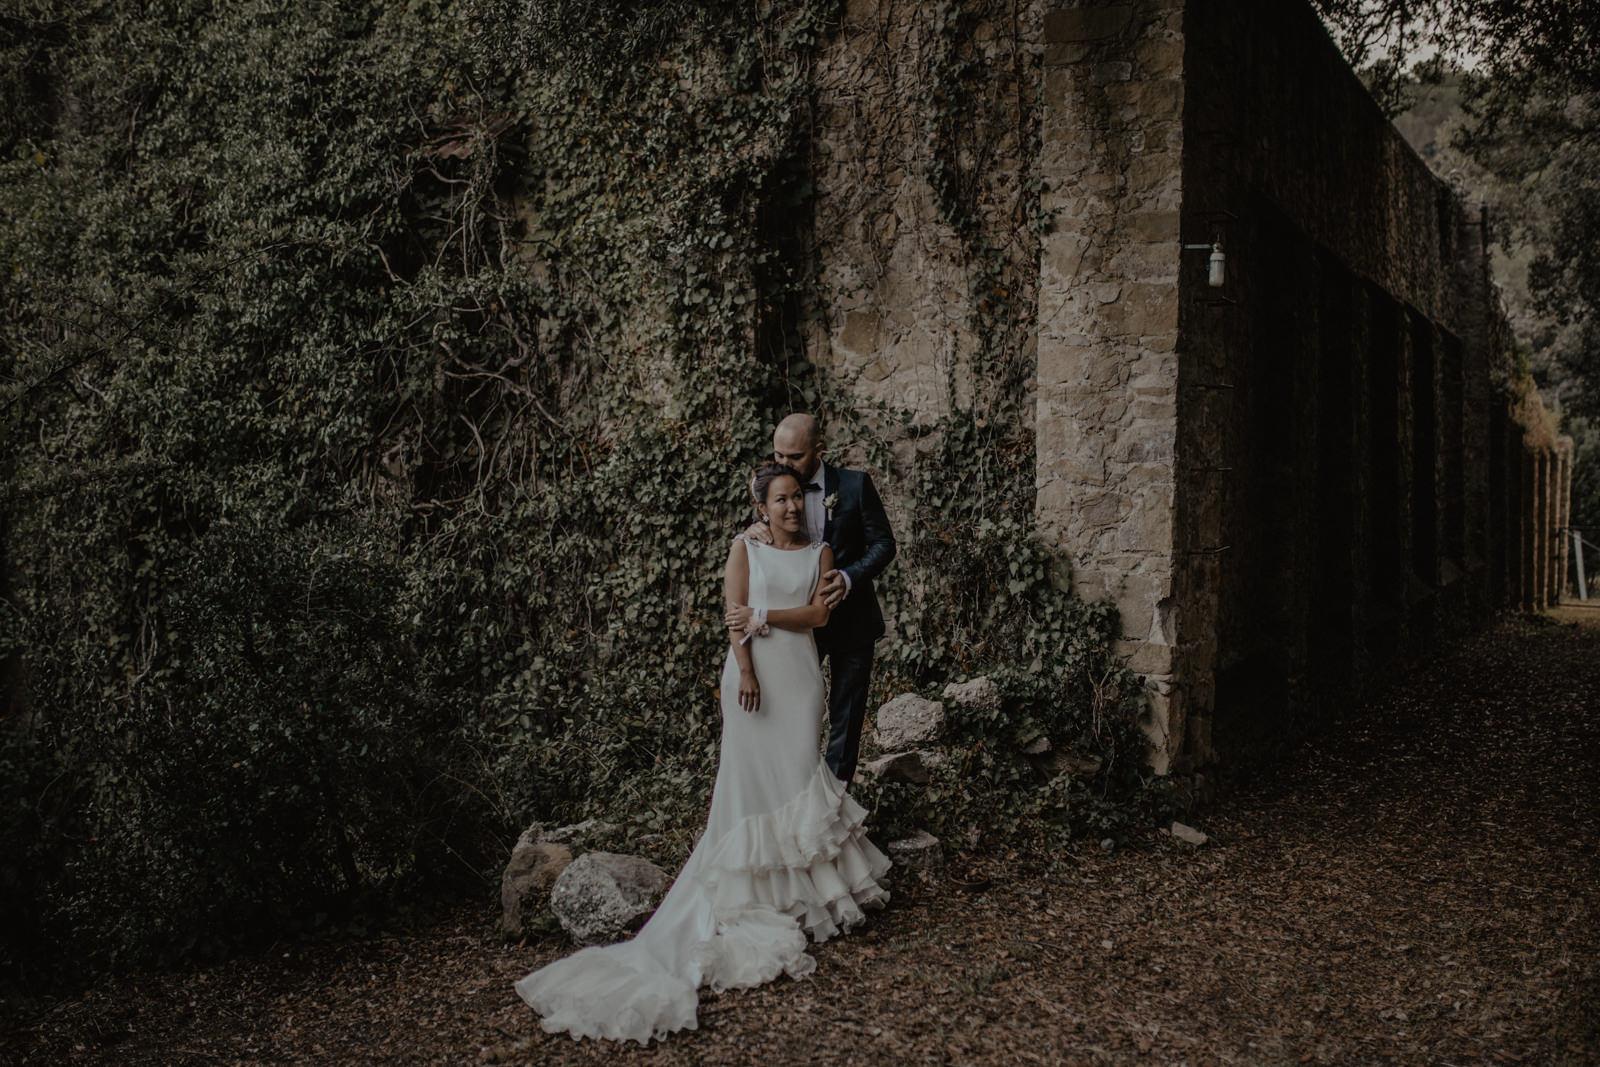 thenortherngirlphotography_photography_thenortherngirl_rebeccascabros_wedding_weddingphotography_weddingphotographer_barcelona_bodaenlabaronia_labaronia_japanesewedding_destinationwedding_shokoalbert-706.jpg